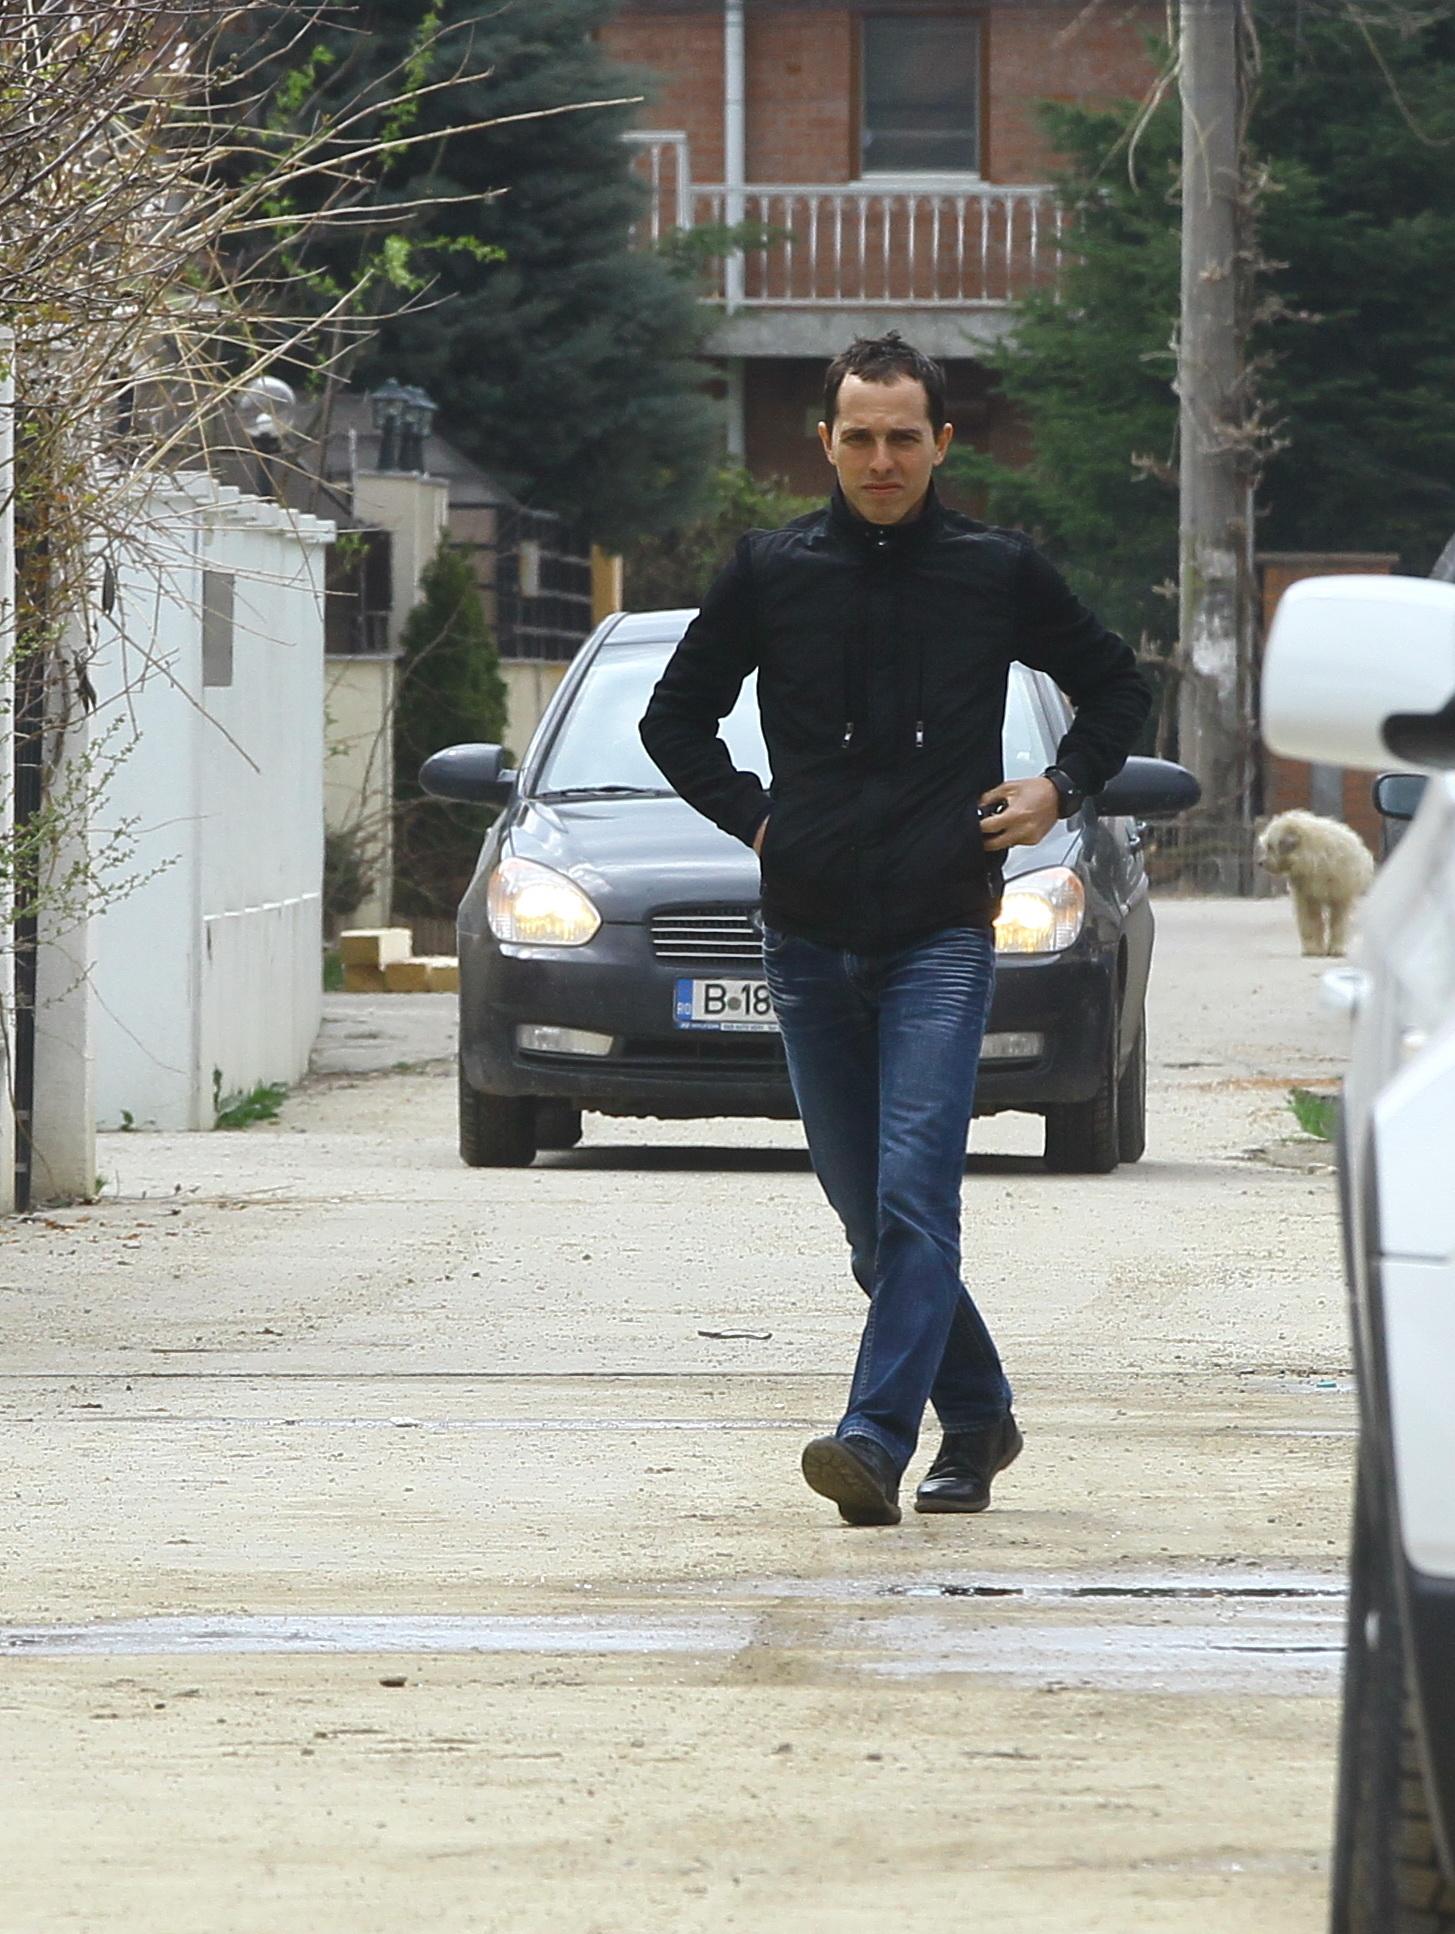 Dupa cateva minute, Valentin Avram s-a intors la resedinta sa